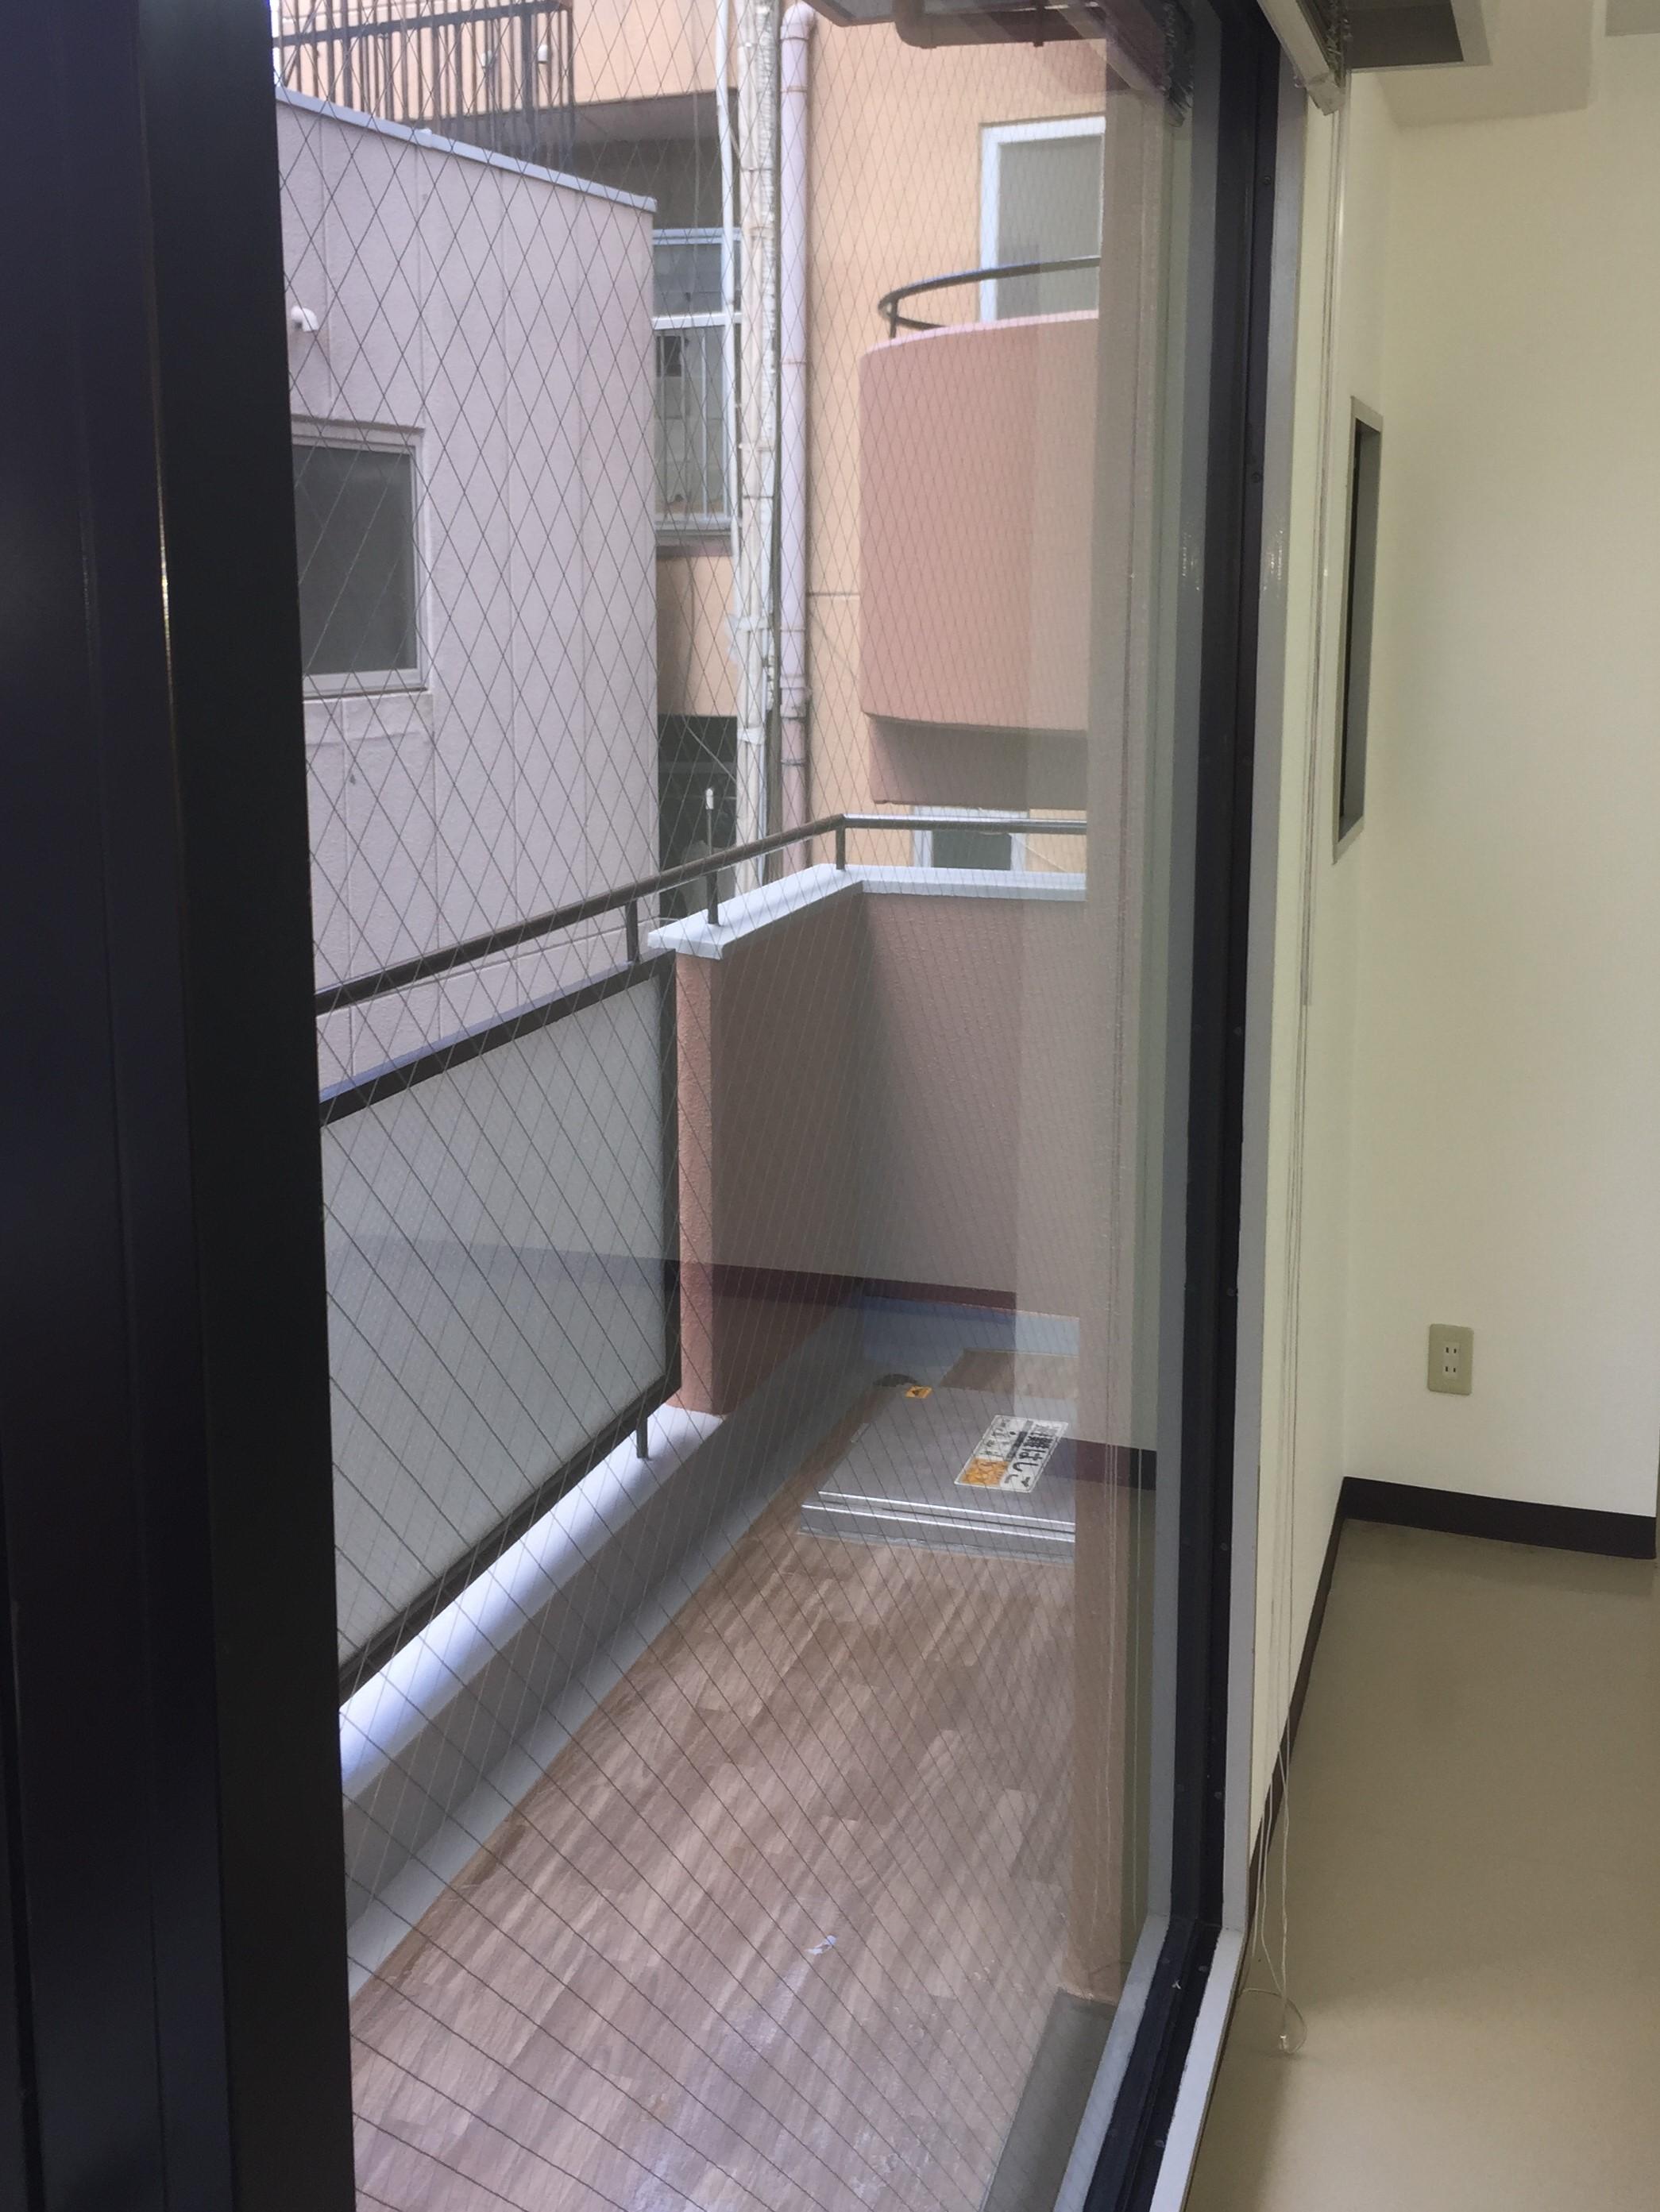 ガラス・サッシ・窓の清掃!ハウスクリーニング おそうじプラスにご希望の清掃日時や清掃箇所などお気軽にご相談下さい!